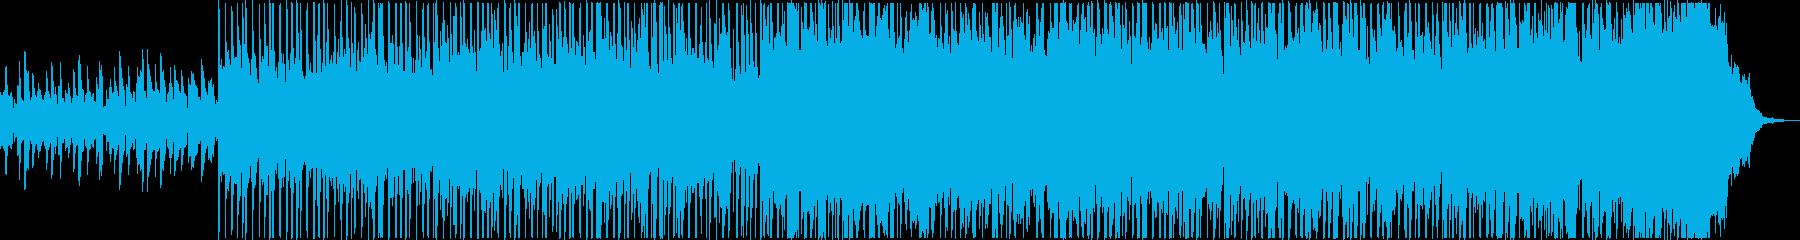 洋楽で暖かい曲の再生済みの波形